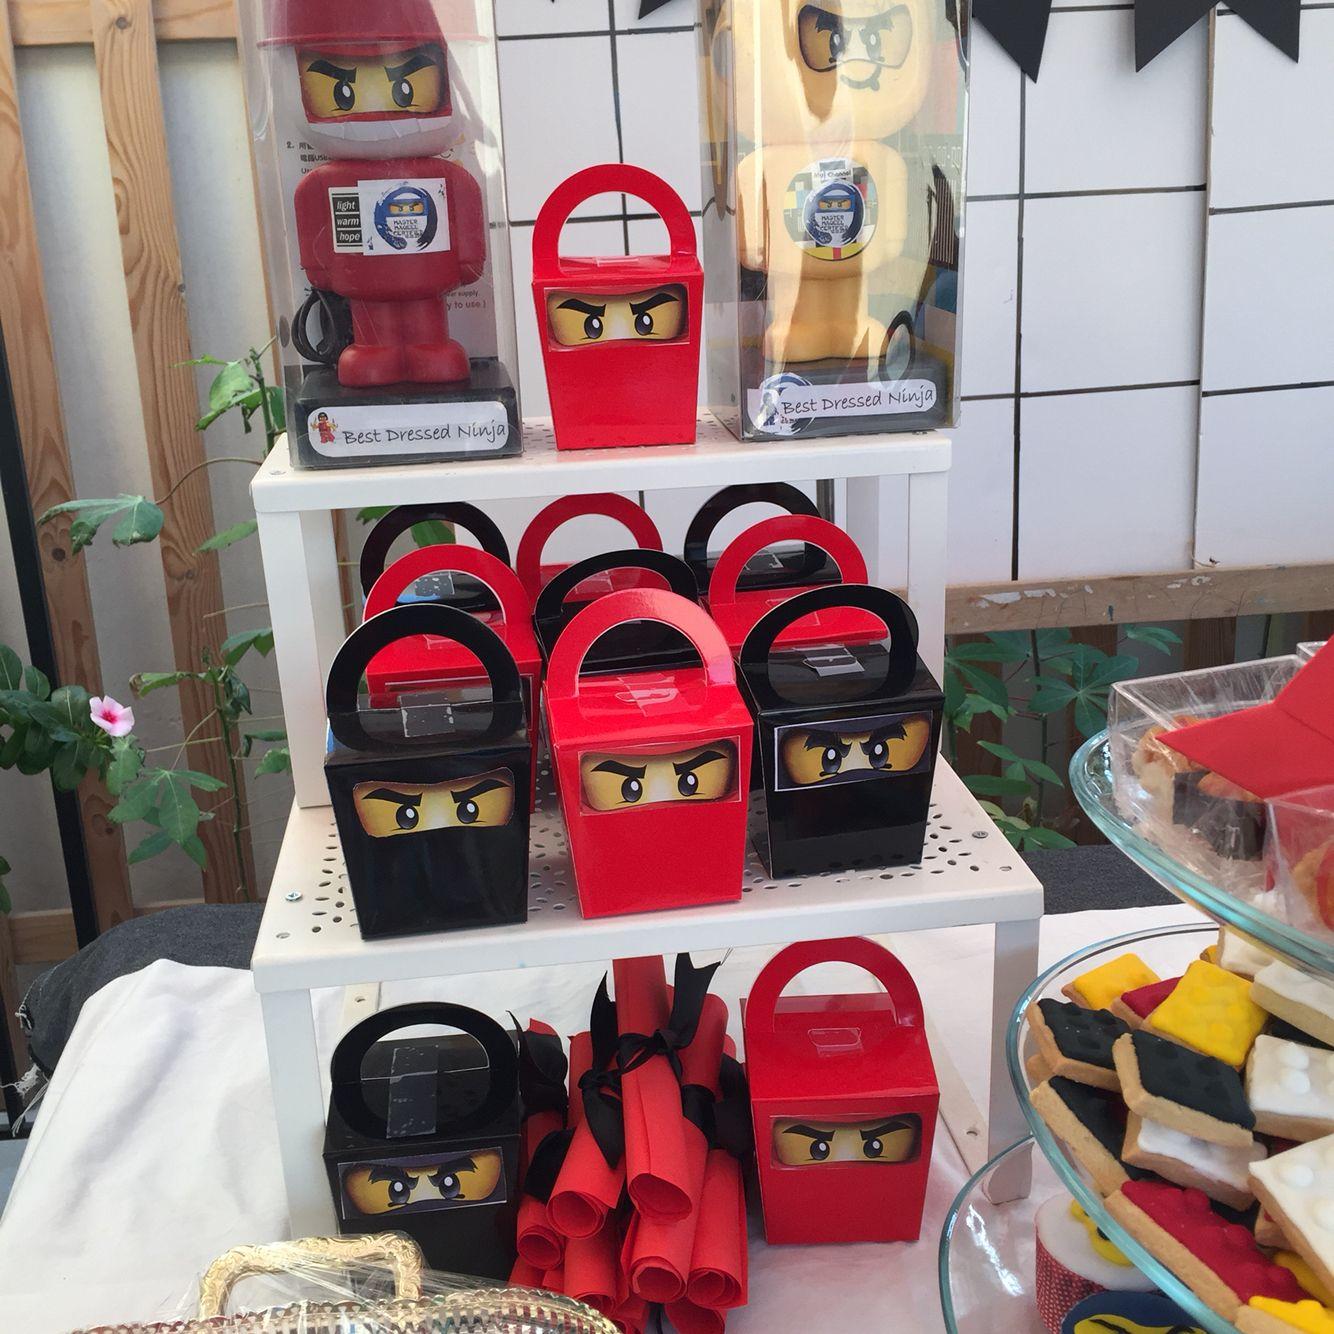 Door Gift Certs Ninjago Certs Home Appliances Inspiration